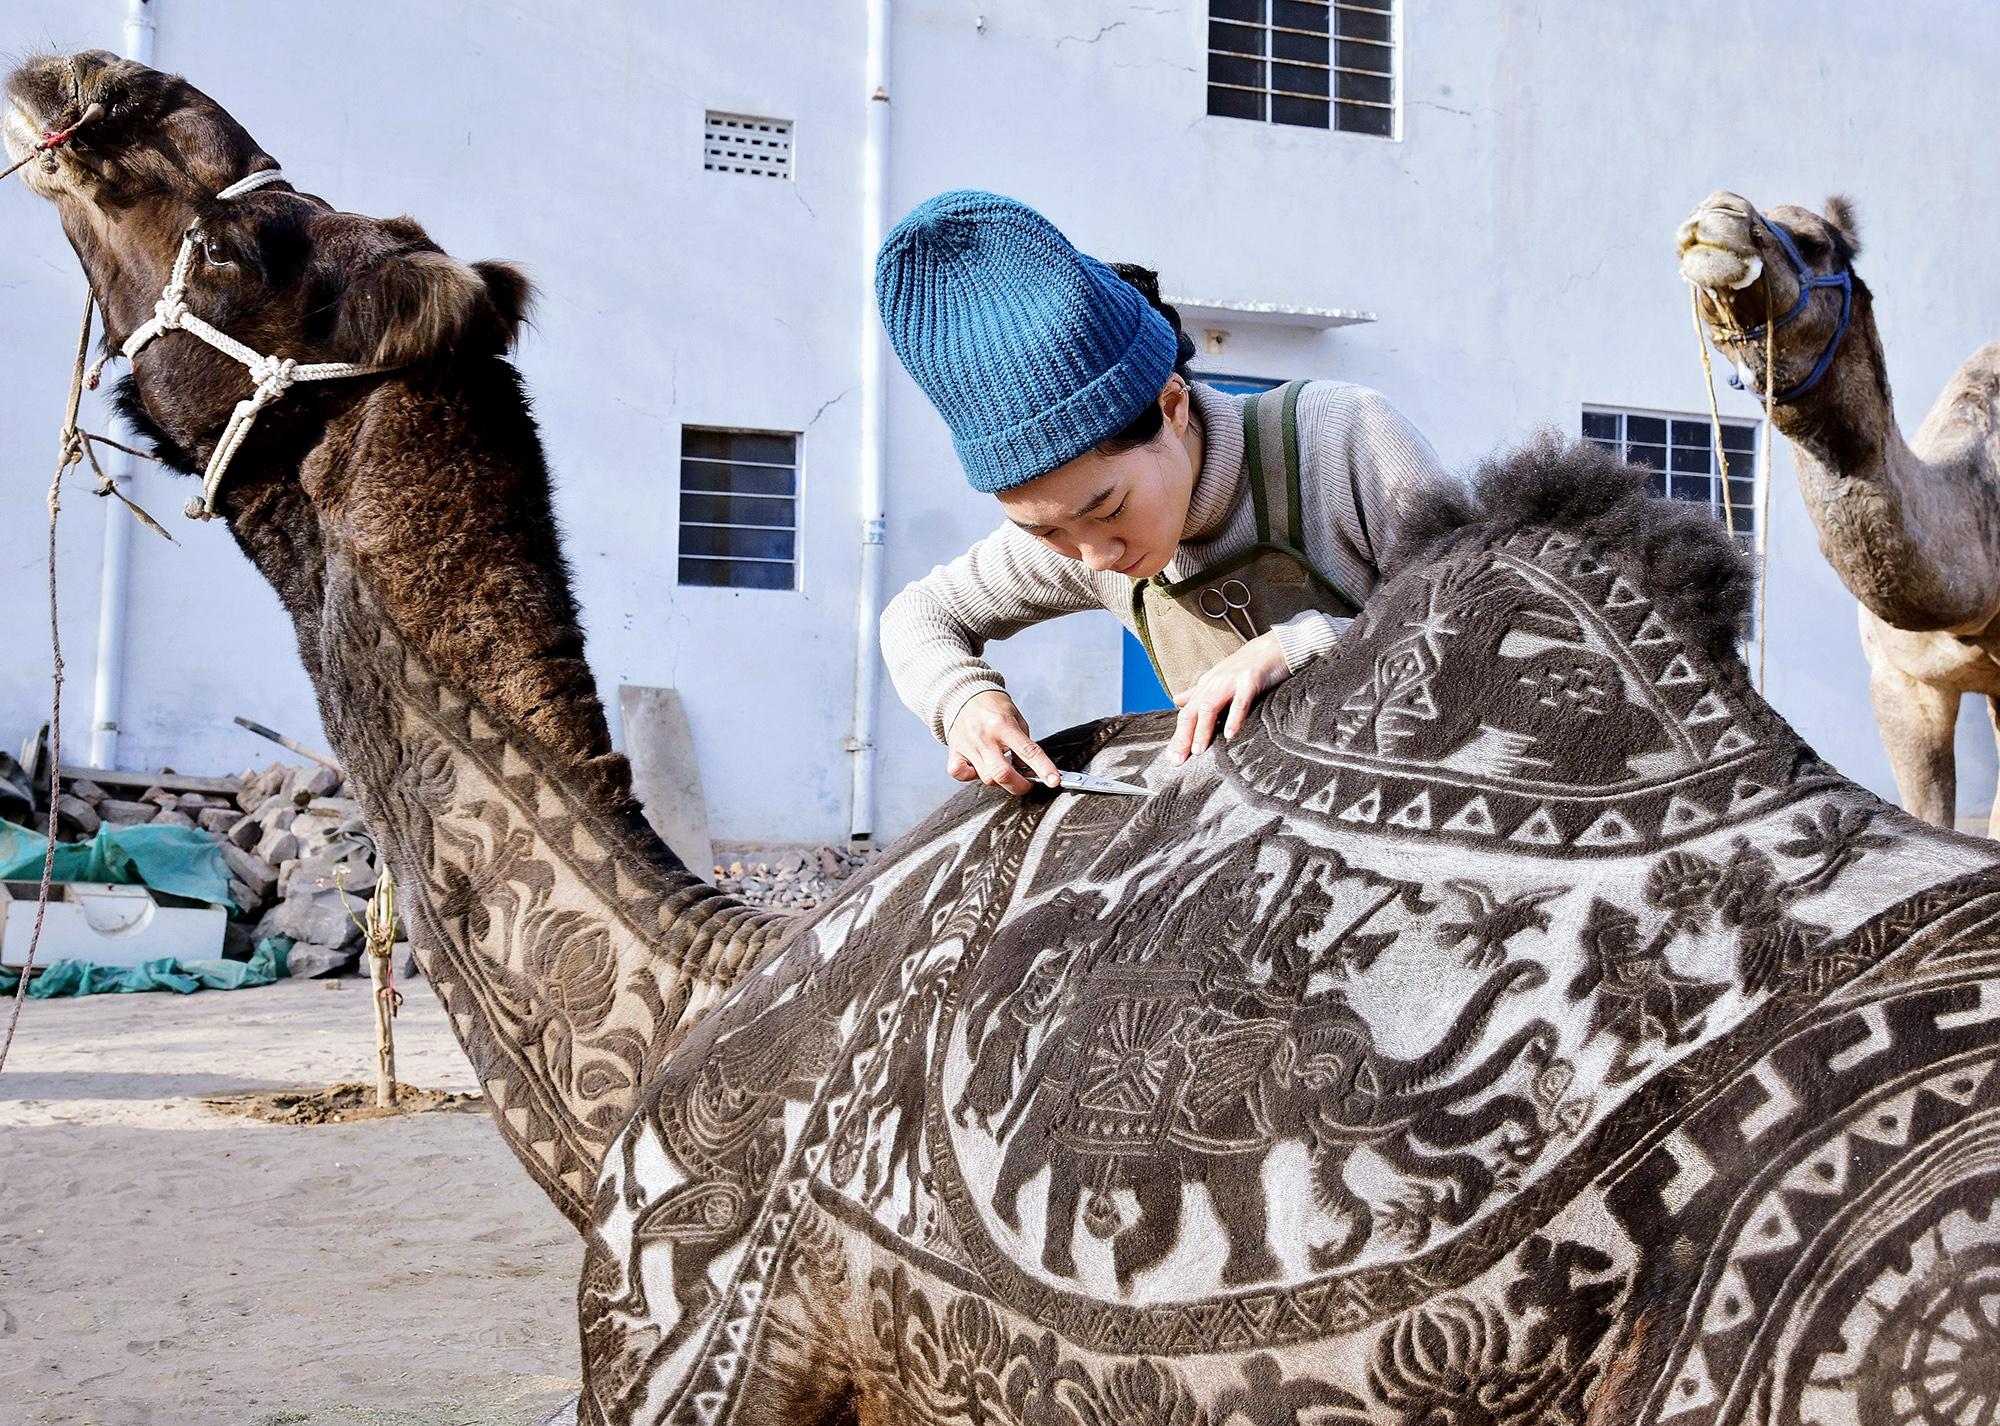 Японский парикмахер Мегуми Такейши выстригает узор нашерсти верблюда передФестивалем верблюдов вБиканере виндийском штате Раджастан насевере страны, 10 января 2019